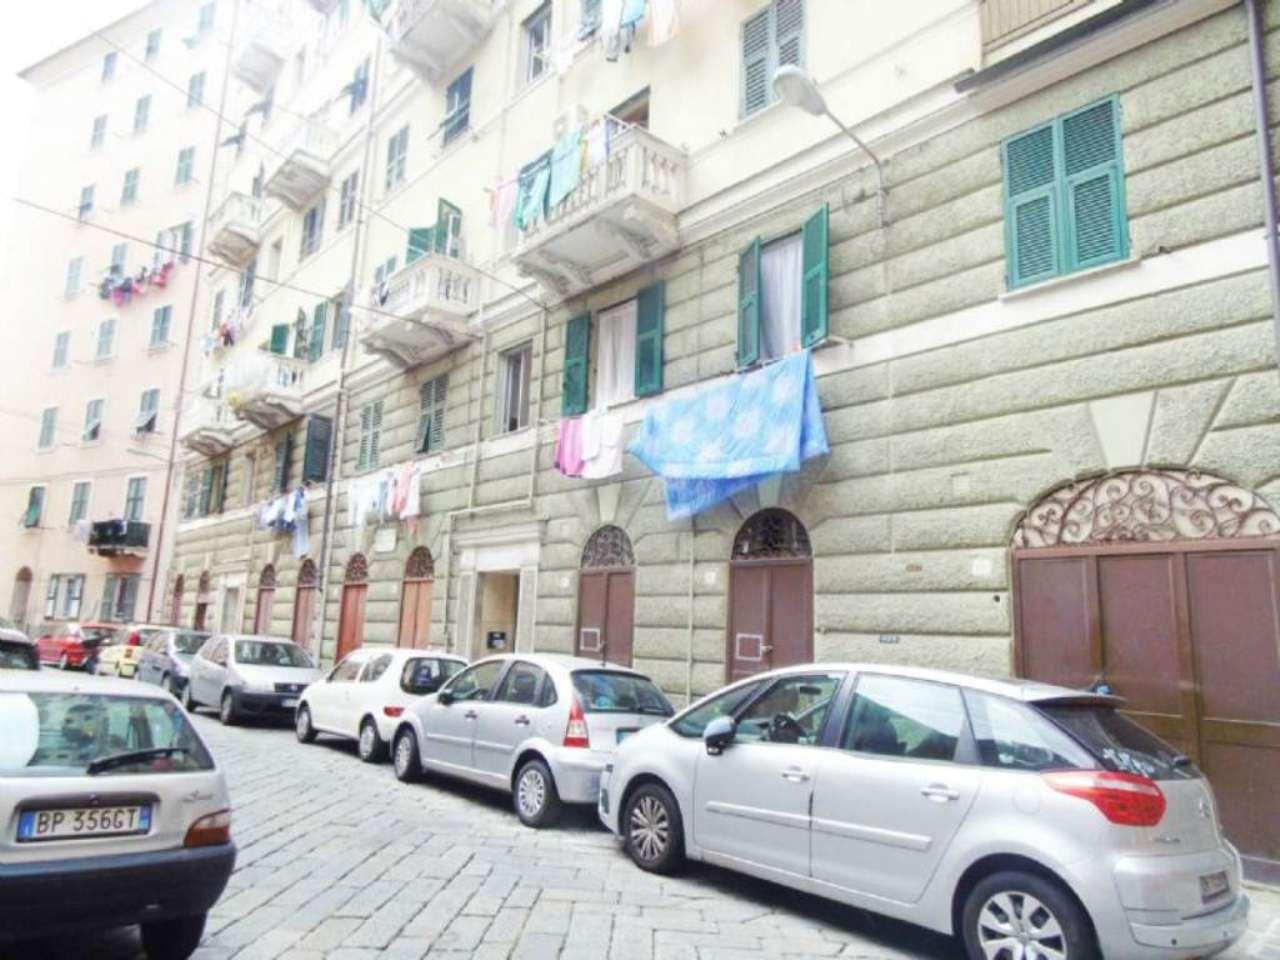 Bilocale Genova Piazza Ghiglione 9